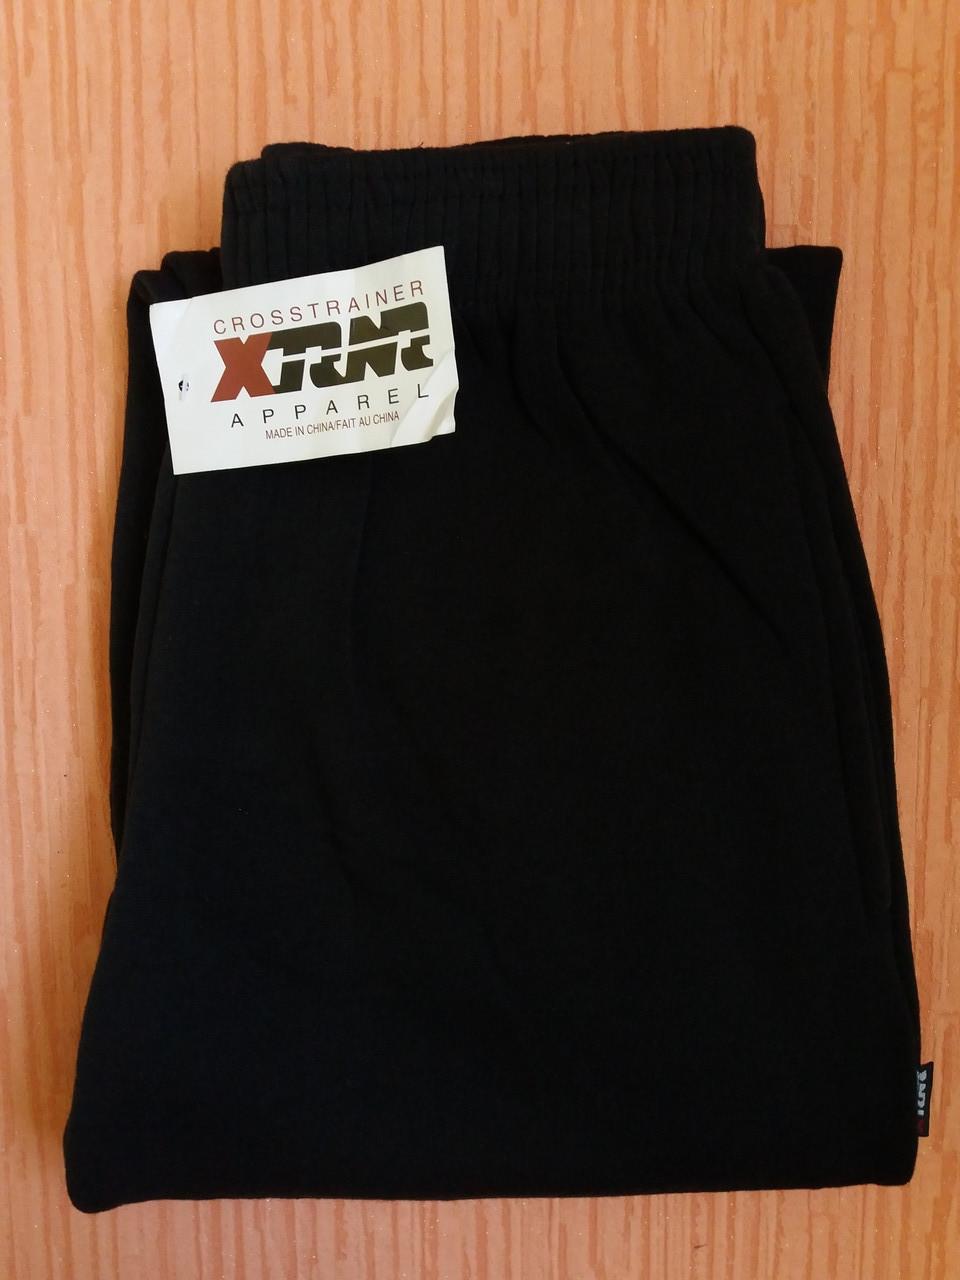 Спортивные штаны теплые унисекс р.44-46 черные на манжете. От 4шт по 72грн